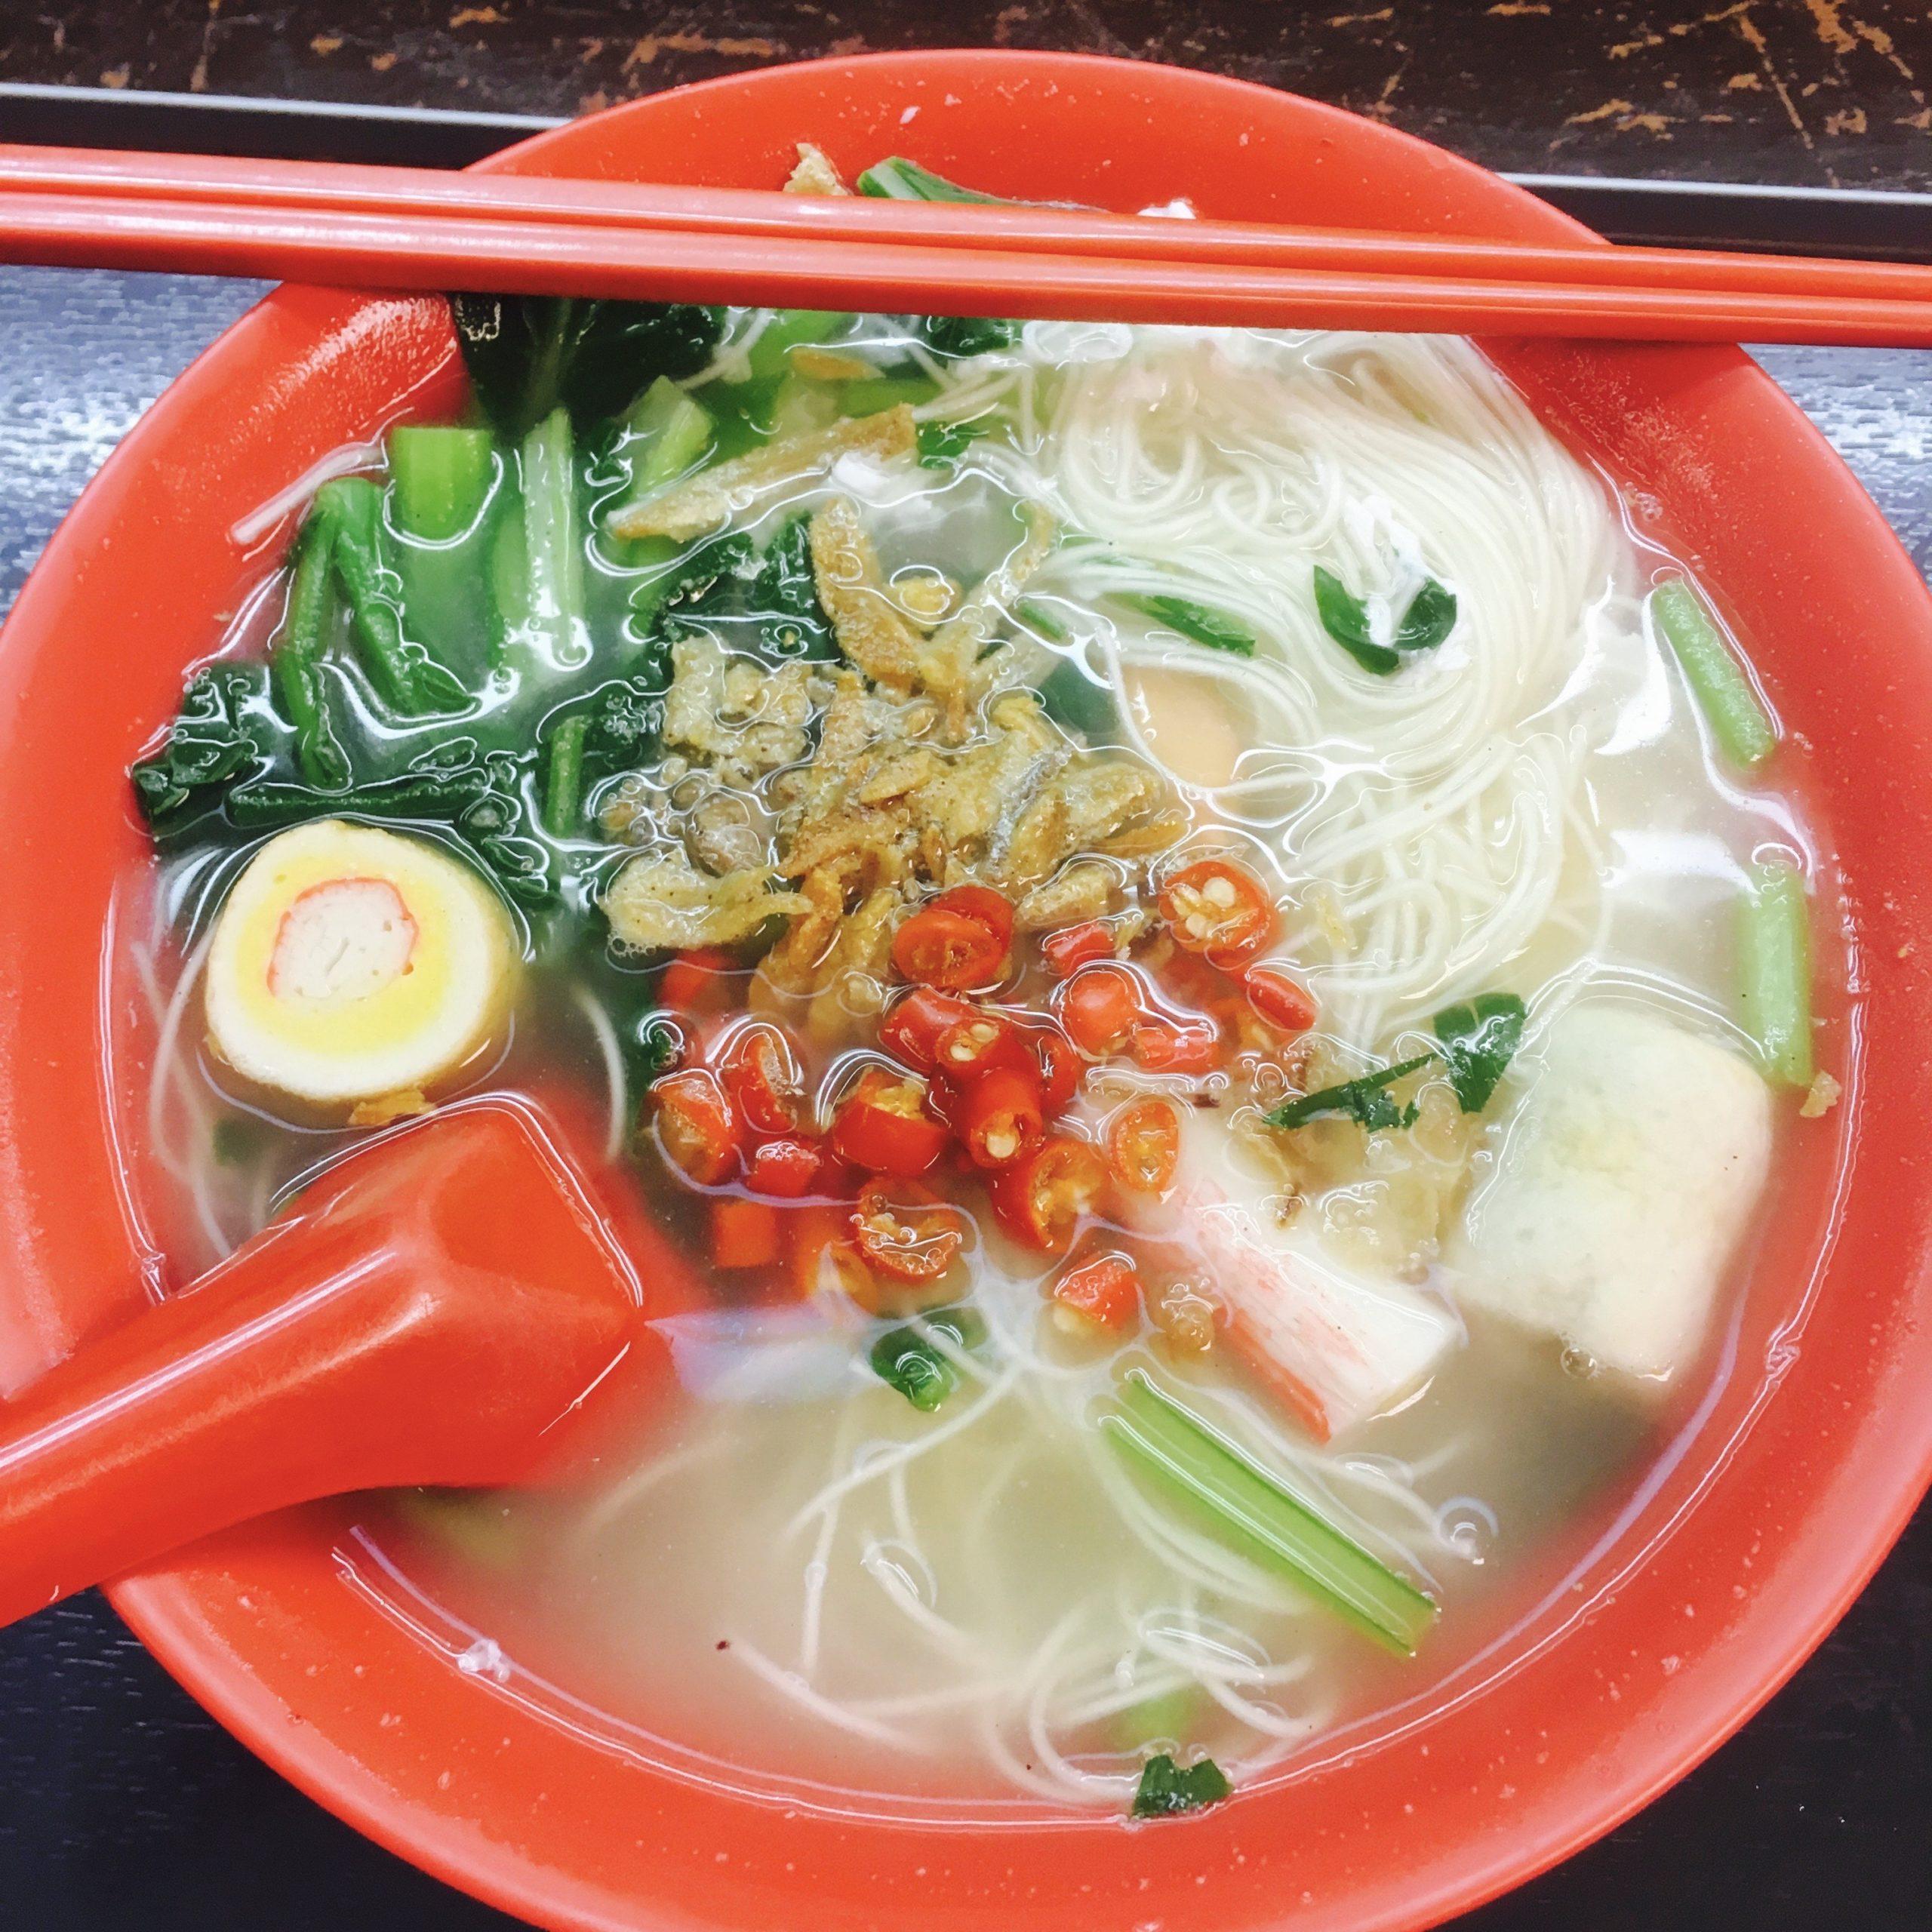 【SQ番外編】STC(シンガポール航空訓練センター)の社食ってシンガポール一美味しい!?社食紹介します